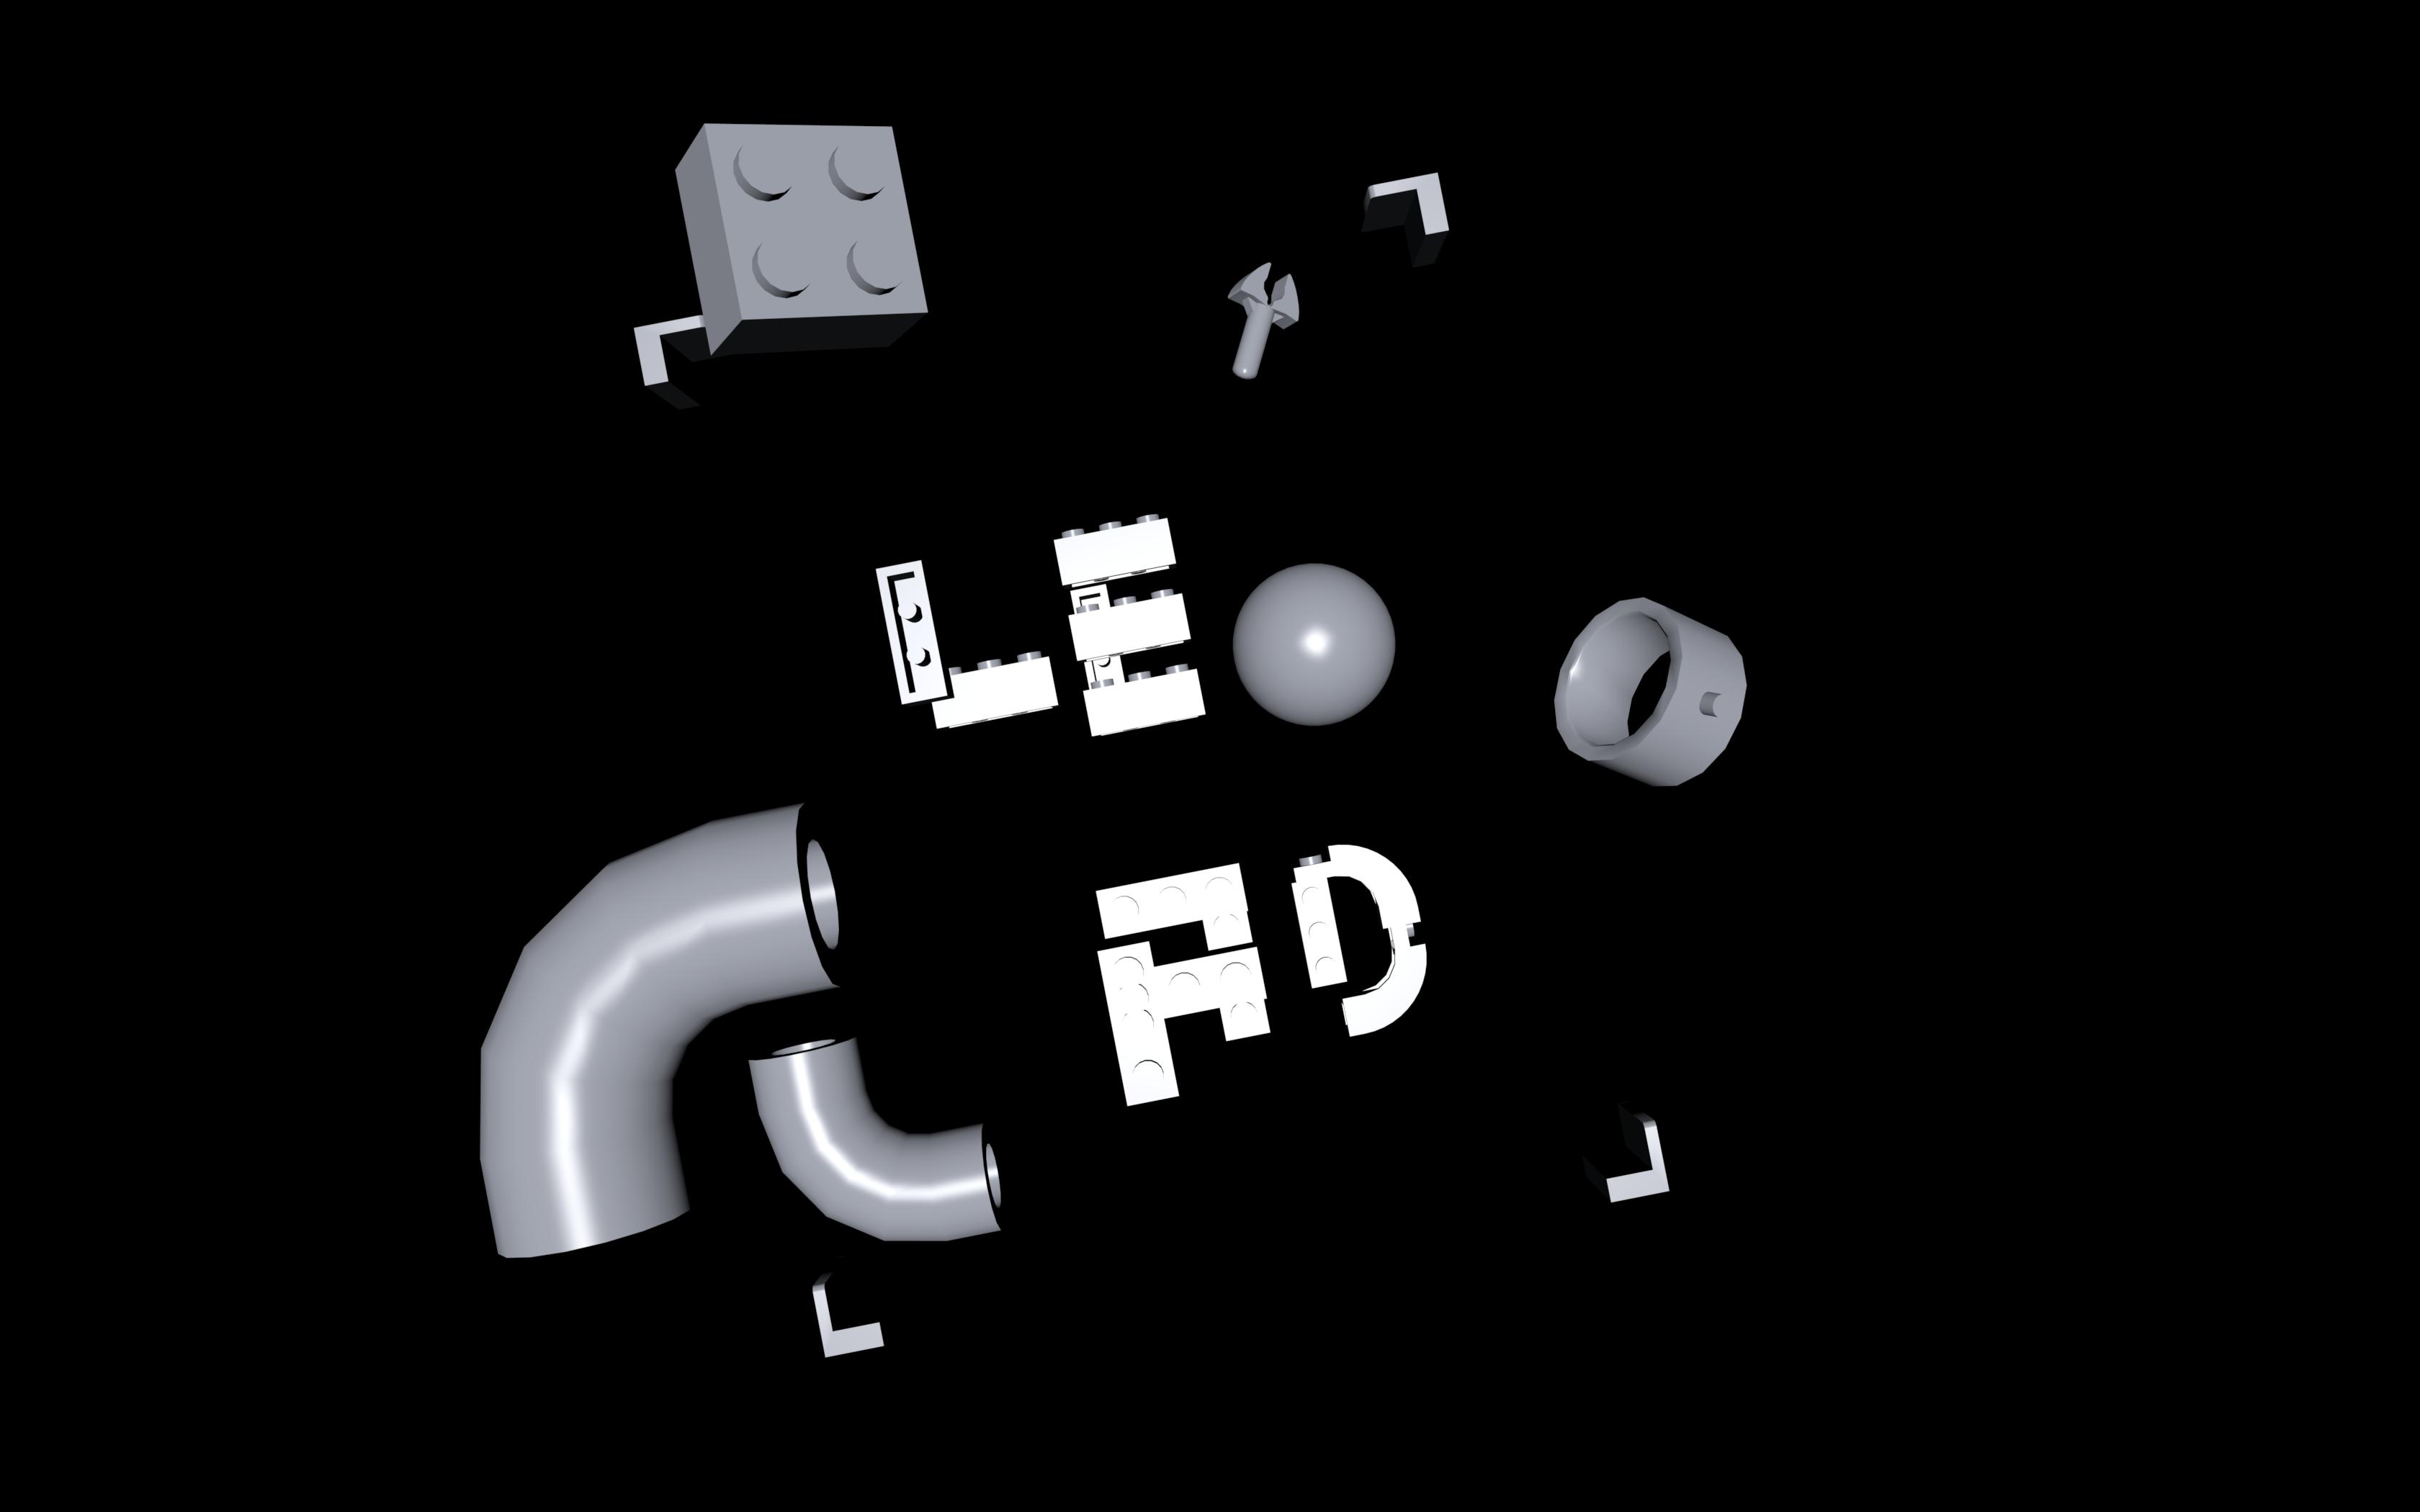 content/images/Leocadlog2.png